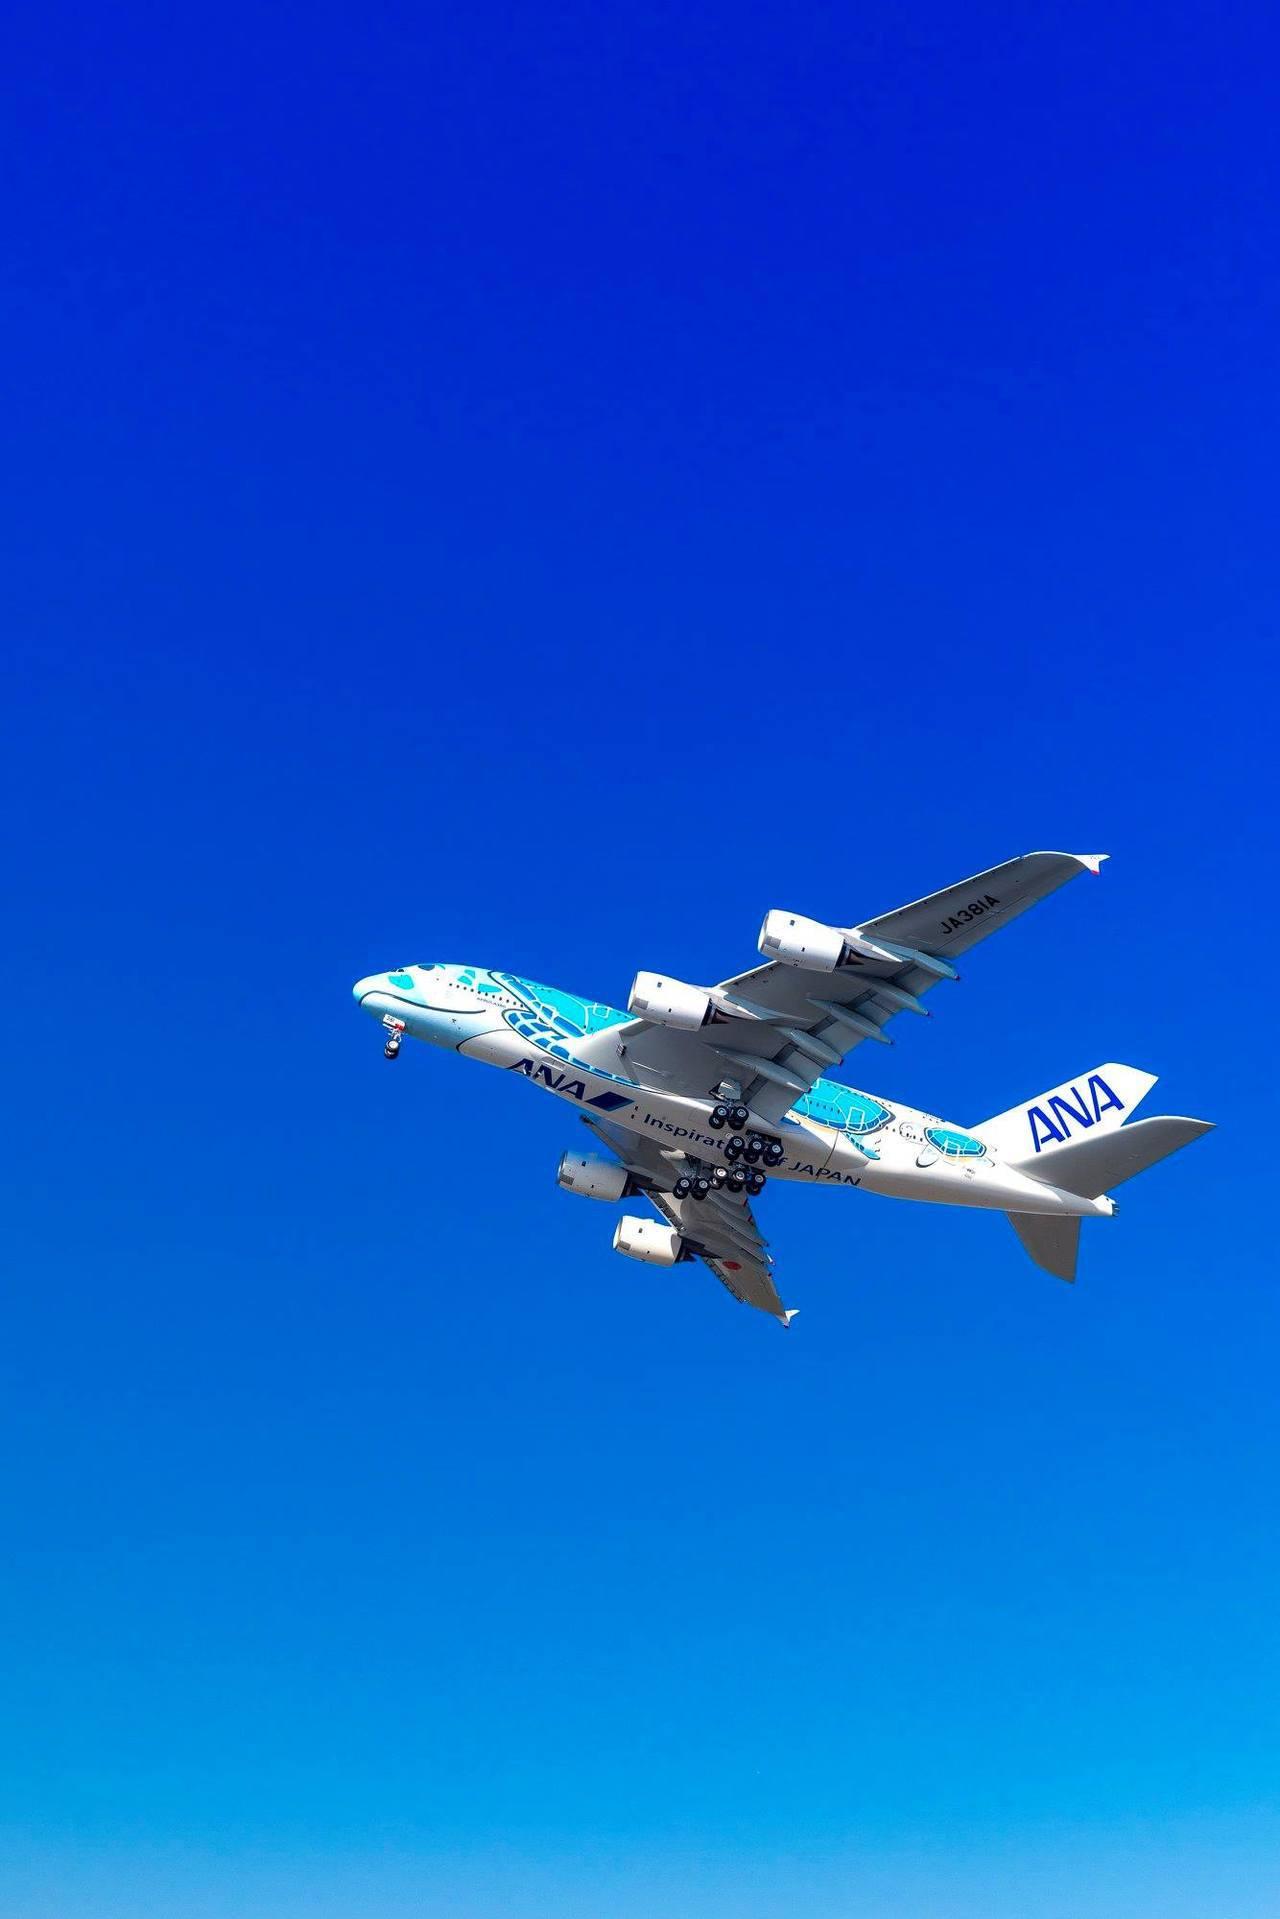 5月24日以後就可以看到海龜機在天空翱翔模樣。圖/摘自ANA全球粉絲專頁